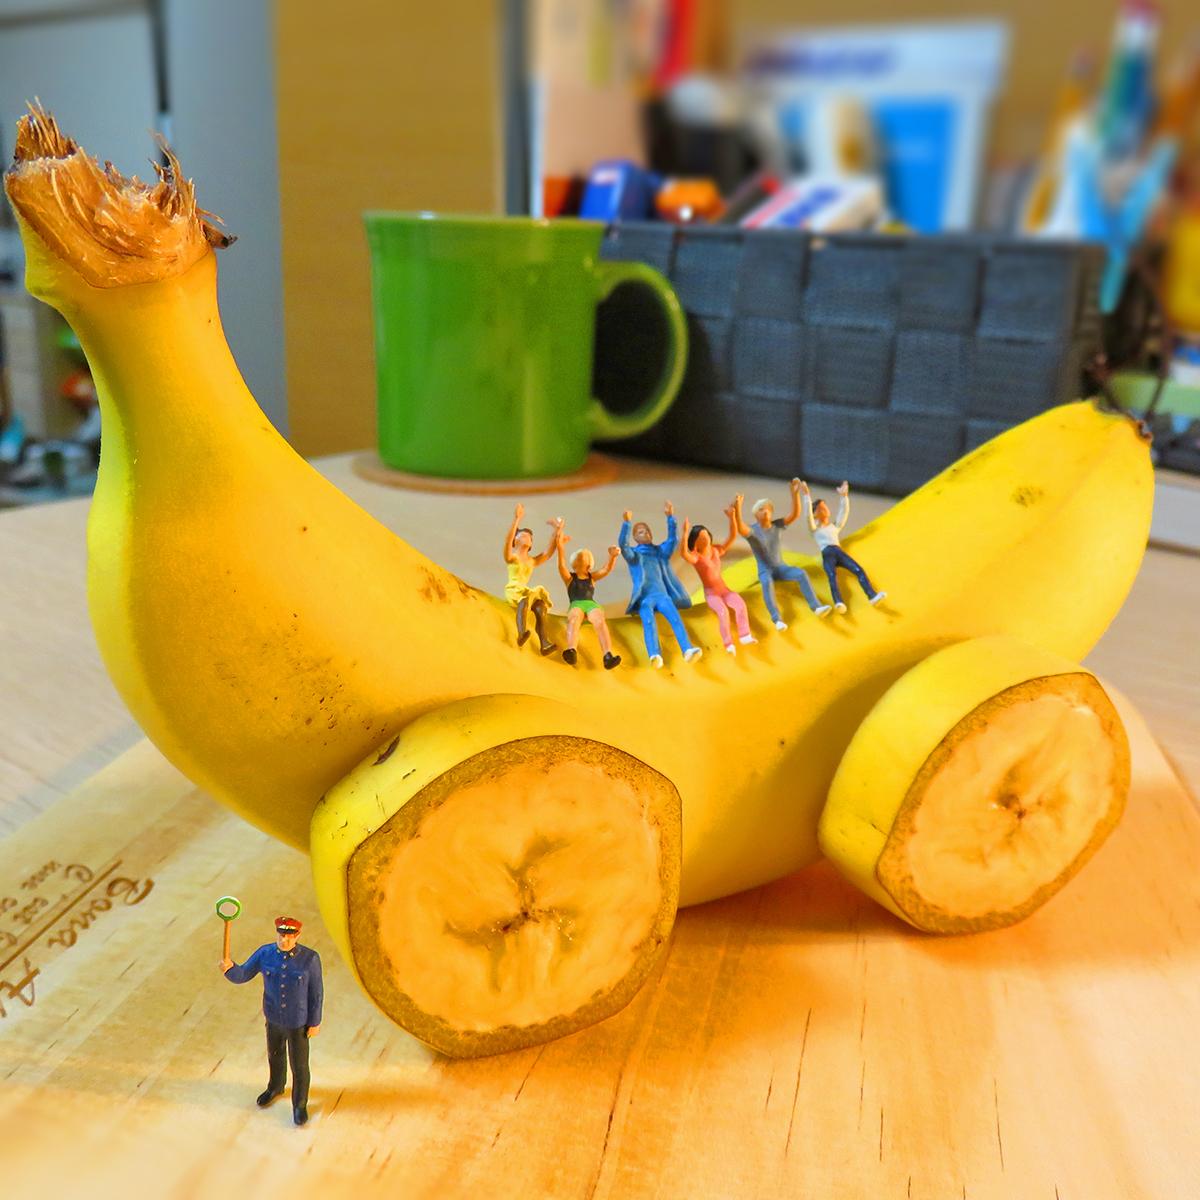 8月7日はバナナの日!バナナカー作って小人を乗せてみた